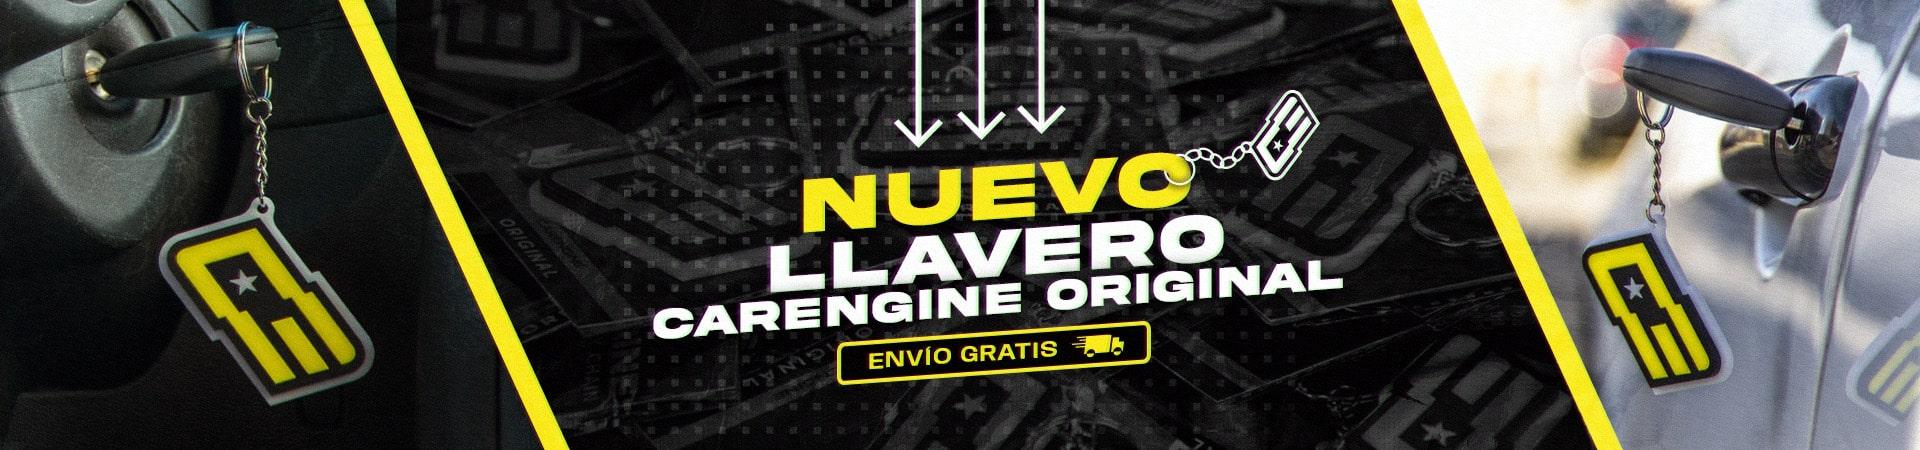 LLavero Original - Carengine